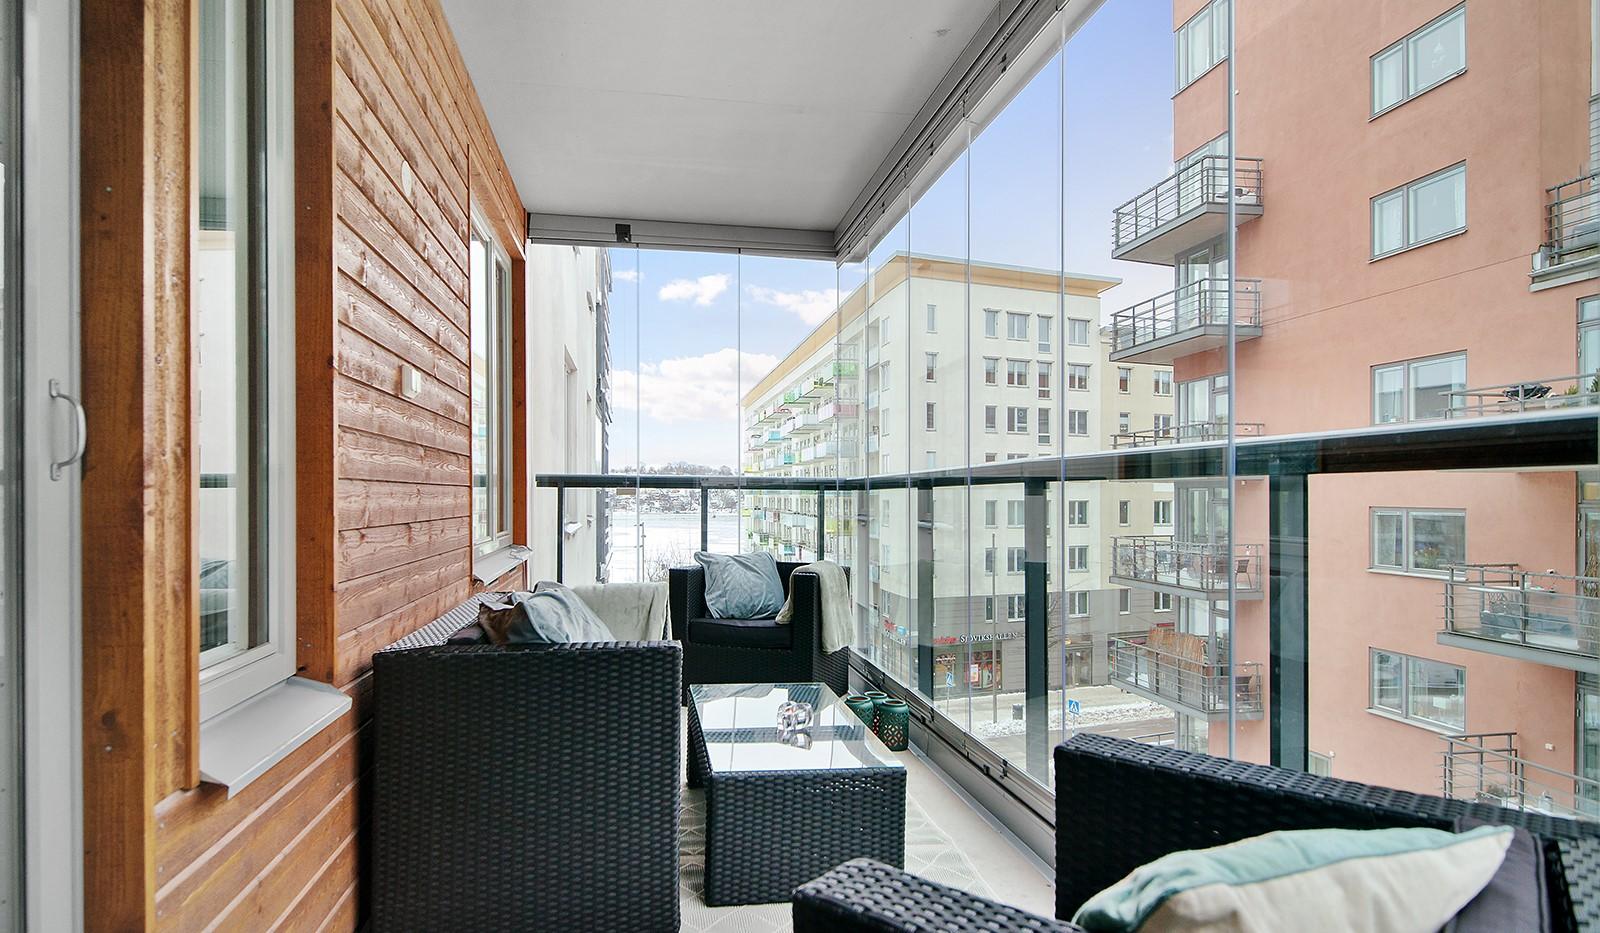 Grönbrinksgatan 6, 4tr - Stor inglasad balkong med vacker utsikt mot Sjövikstorget och Mälaren